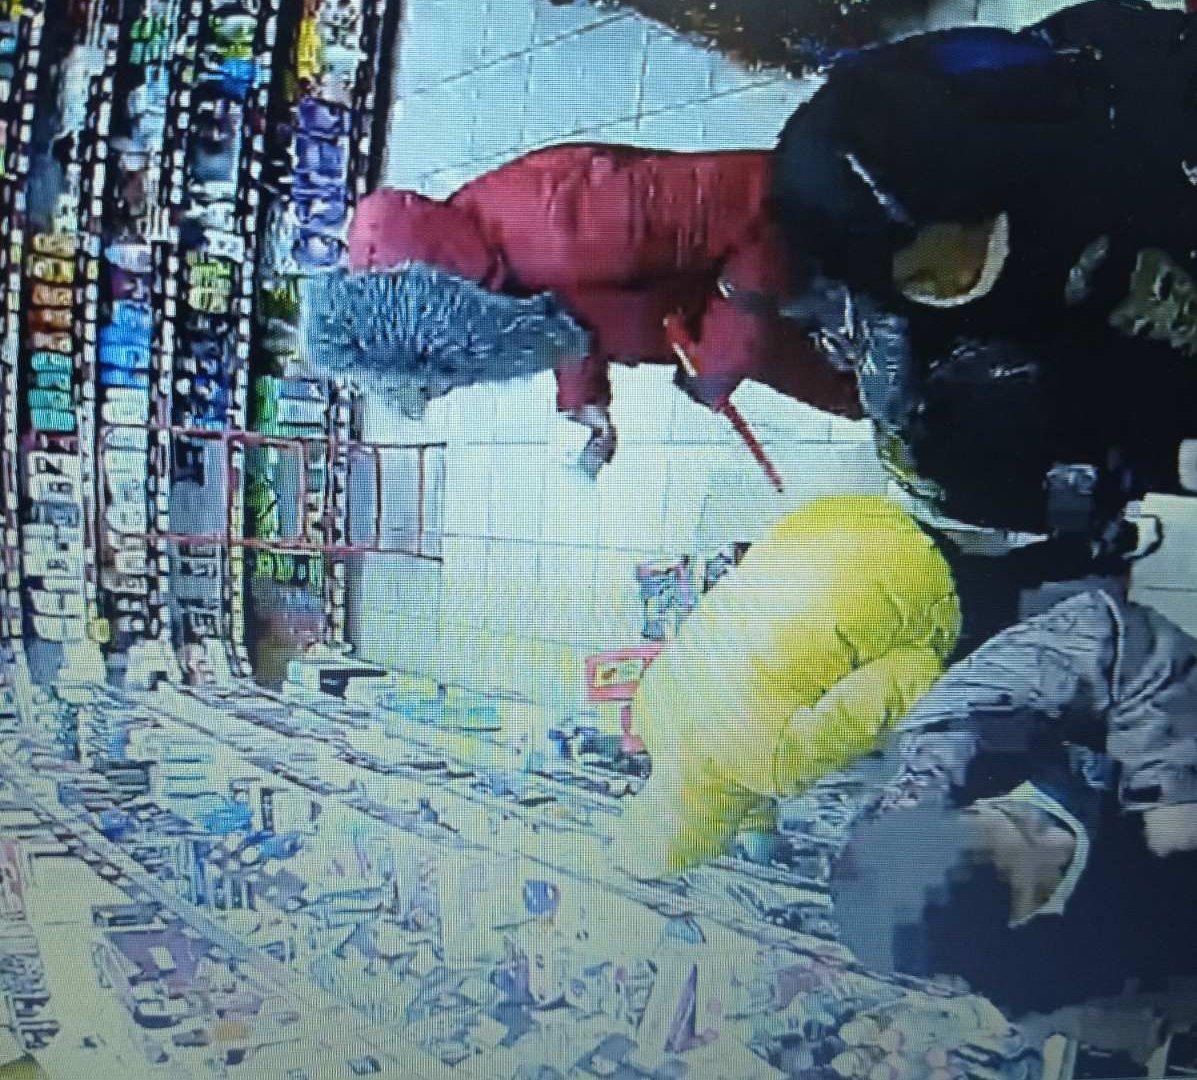 Інцидент ймовірного пограбування у торговому закладі зафіксували камери спостереження.